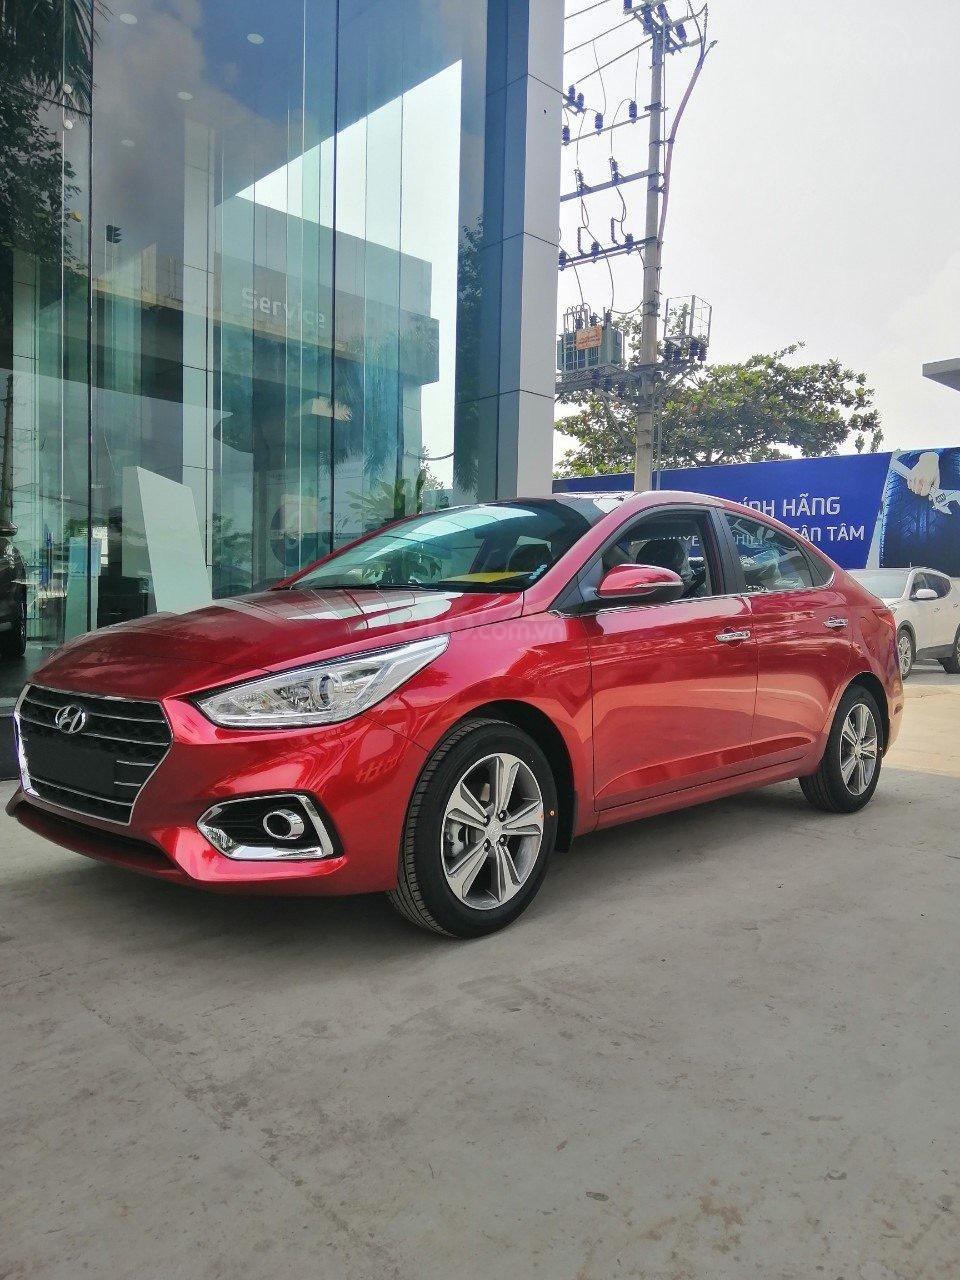 Giảm giá đẩy xe Hyundai Accent 2019 trong T10 trọn gói chỉ với 125tr, KM siêu lớn, LH 0901078111 để ép giá (2)